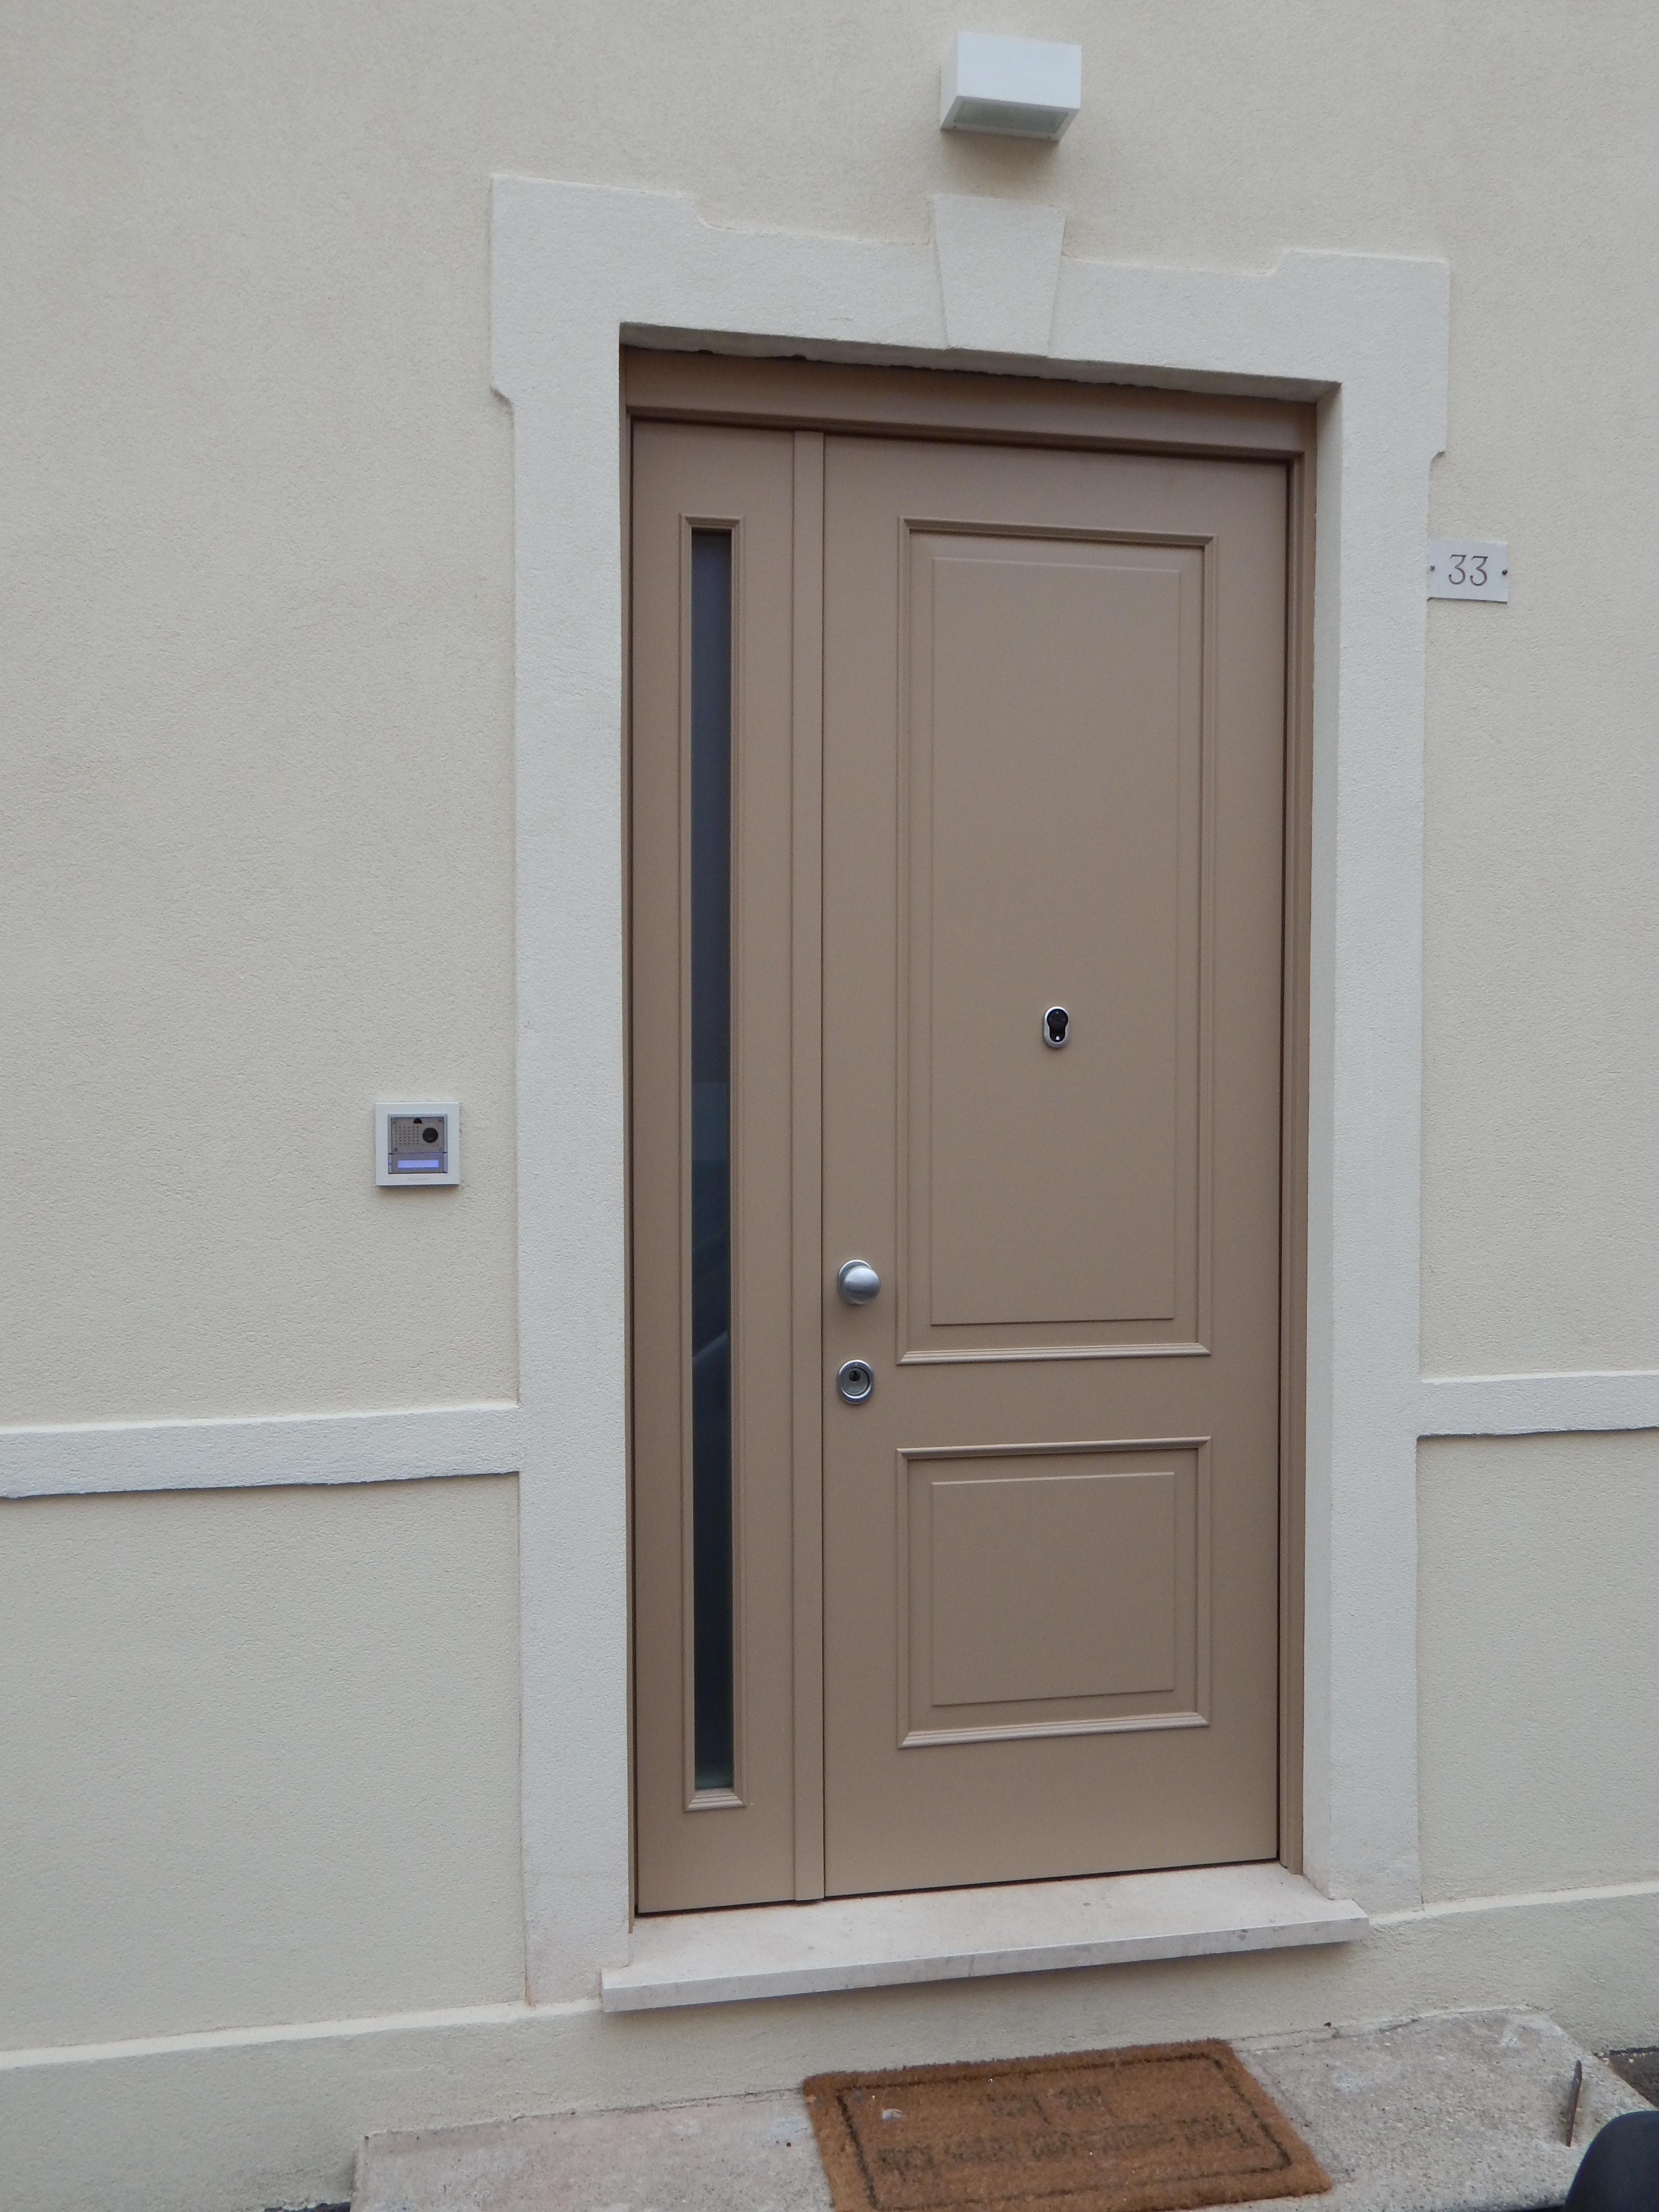 Porta blindata da esterni modello 2 riquadri padova - Porta ingresso blindata ...